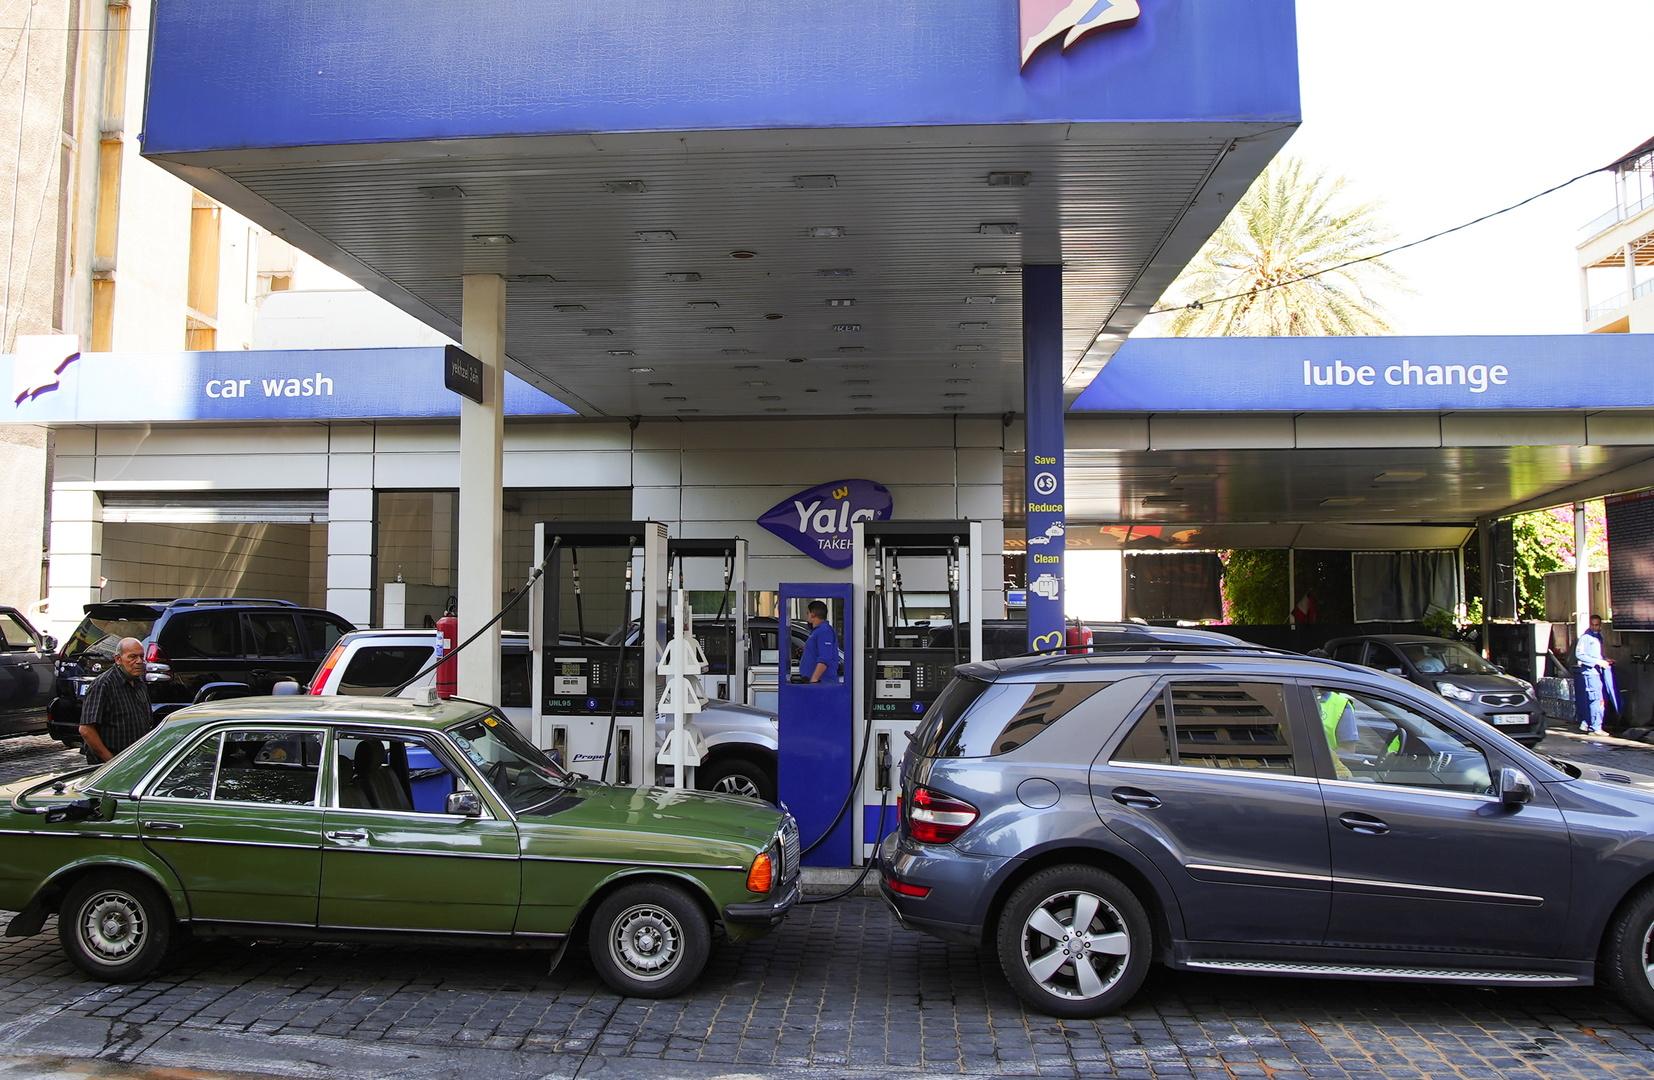 لبنان..ارتفاع أسعار المحروقات بشكل كبير وهفوة في جدول الأسعار